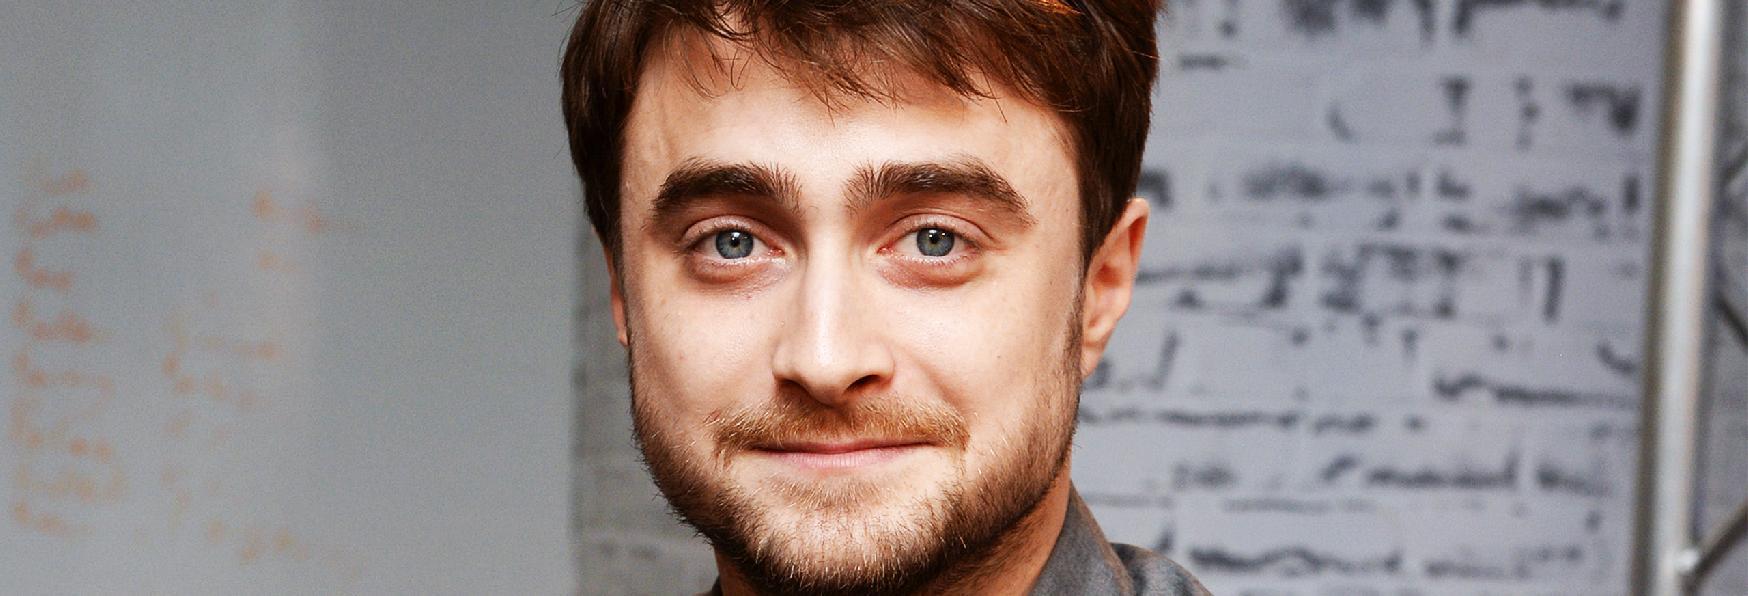 Daniel Radcliffe parteciperà all'Episodio Interattivo di Unbreakable Kimmy Schmidt